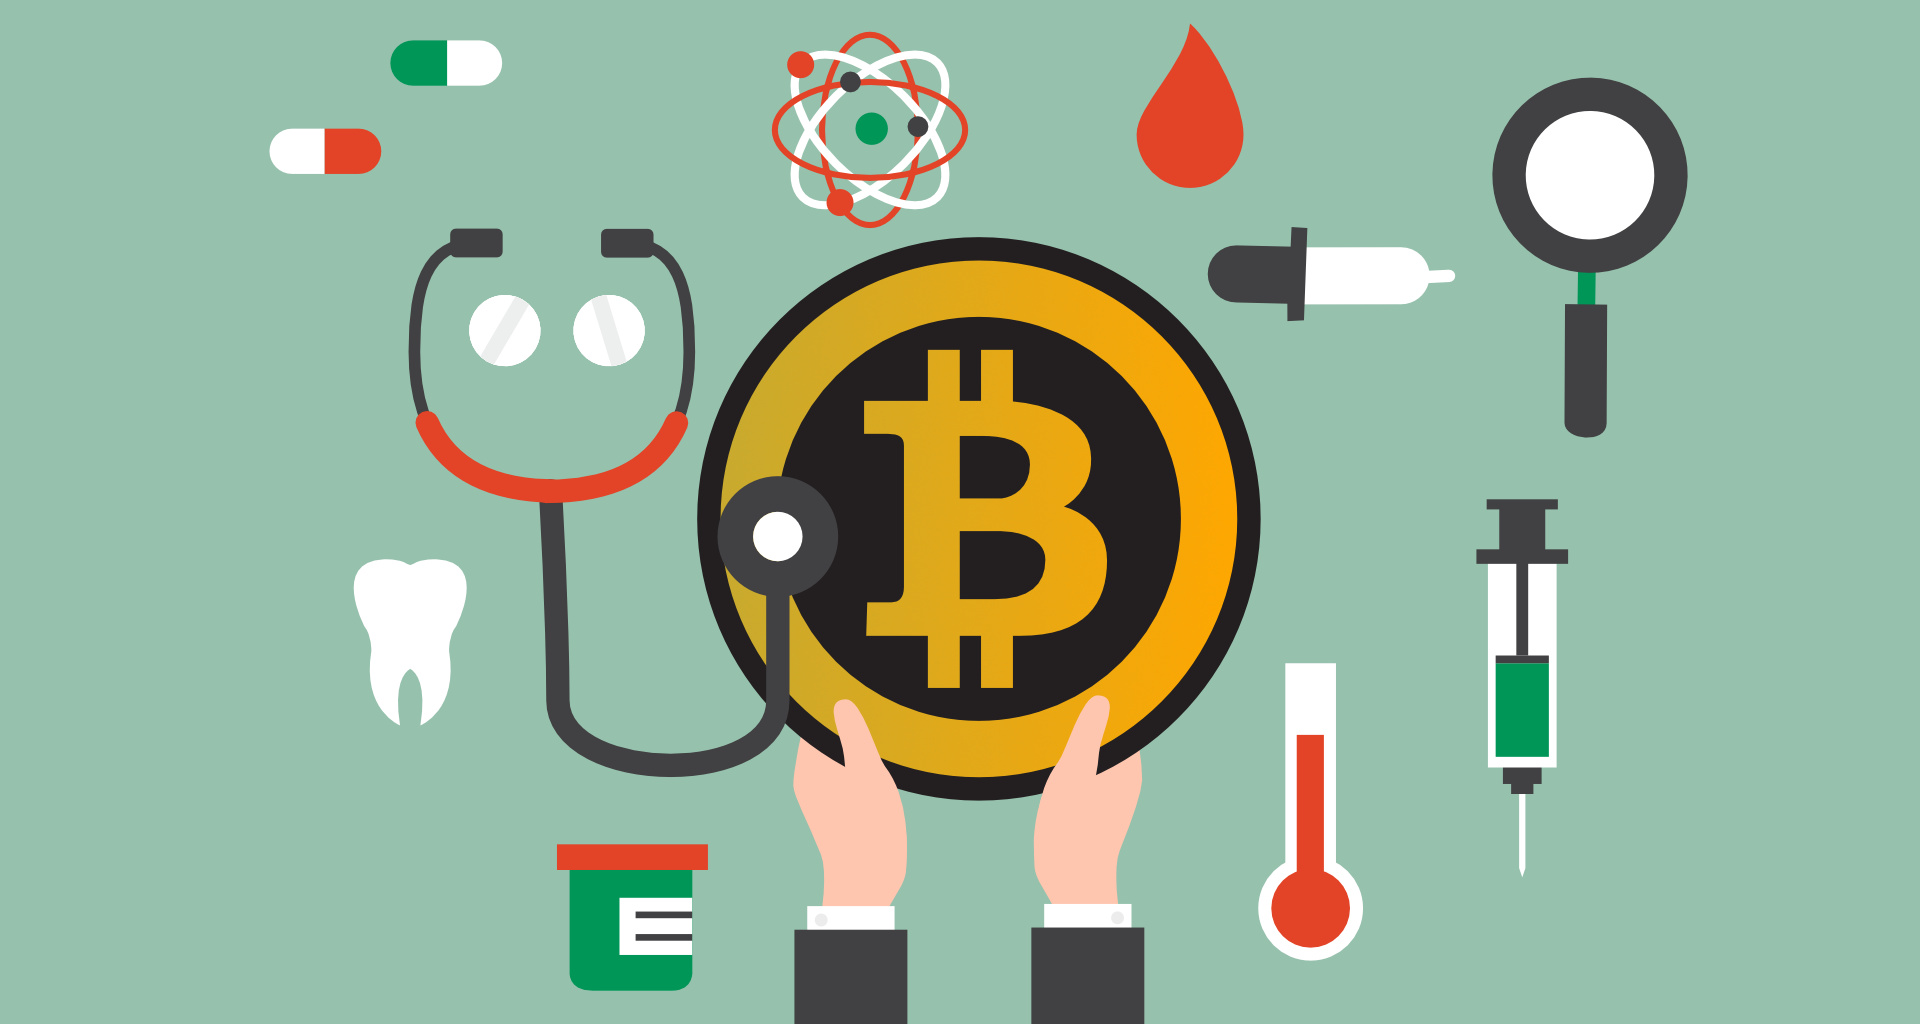 Υγειονομική περίθαλψη Blockchain: Οι τάσεις των ηγετών στον τομέα της ιατρικής και των βιοεπιστημών